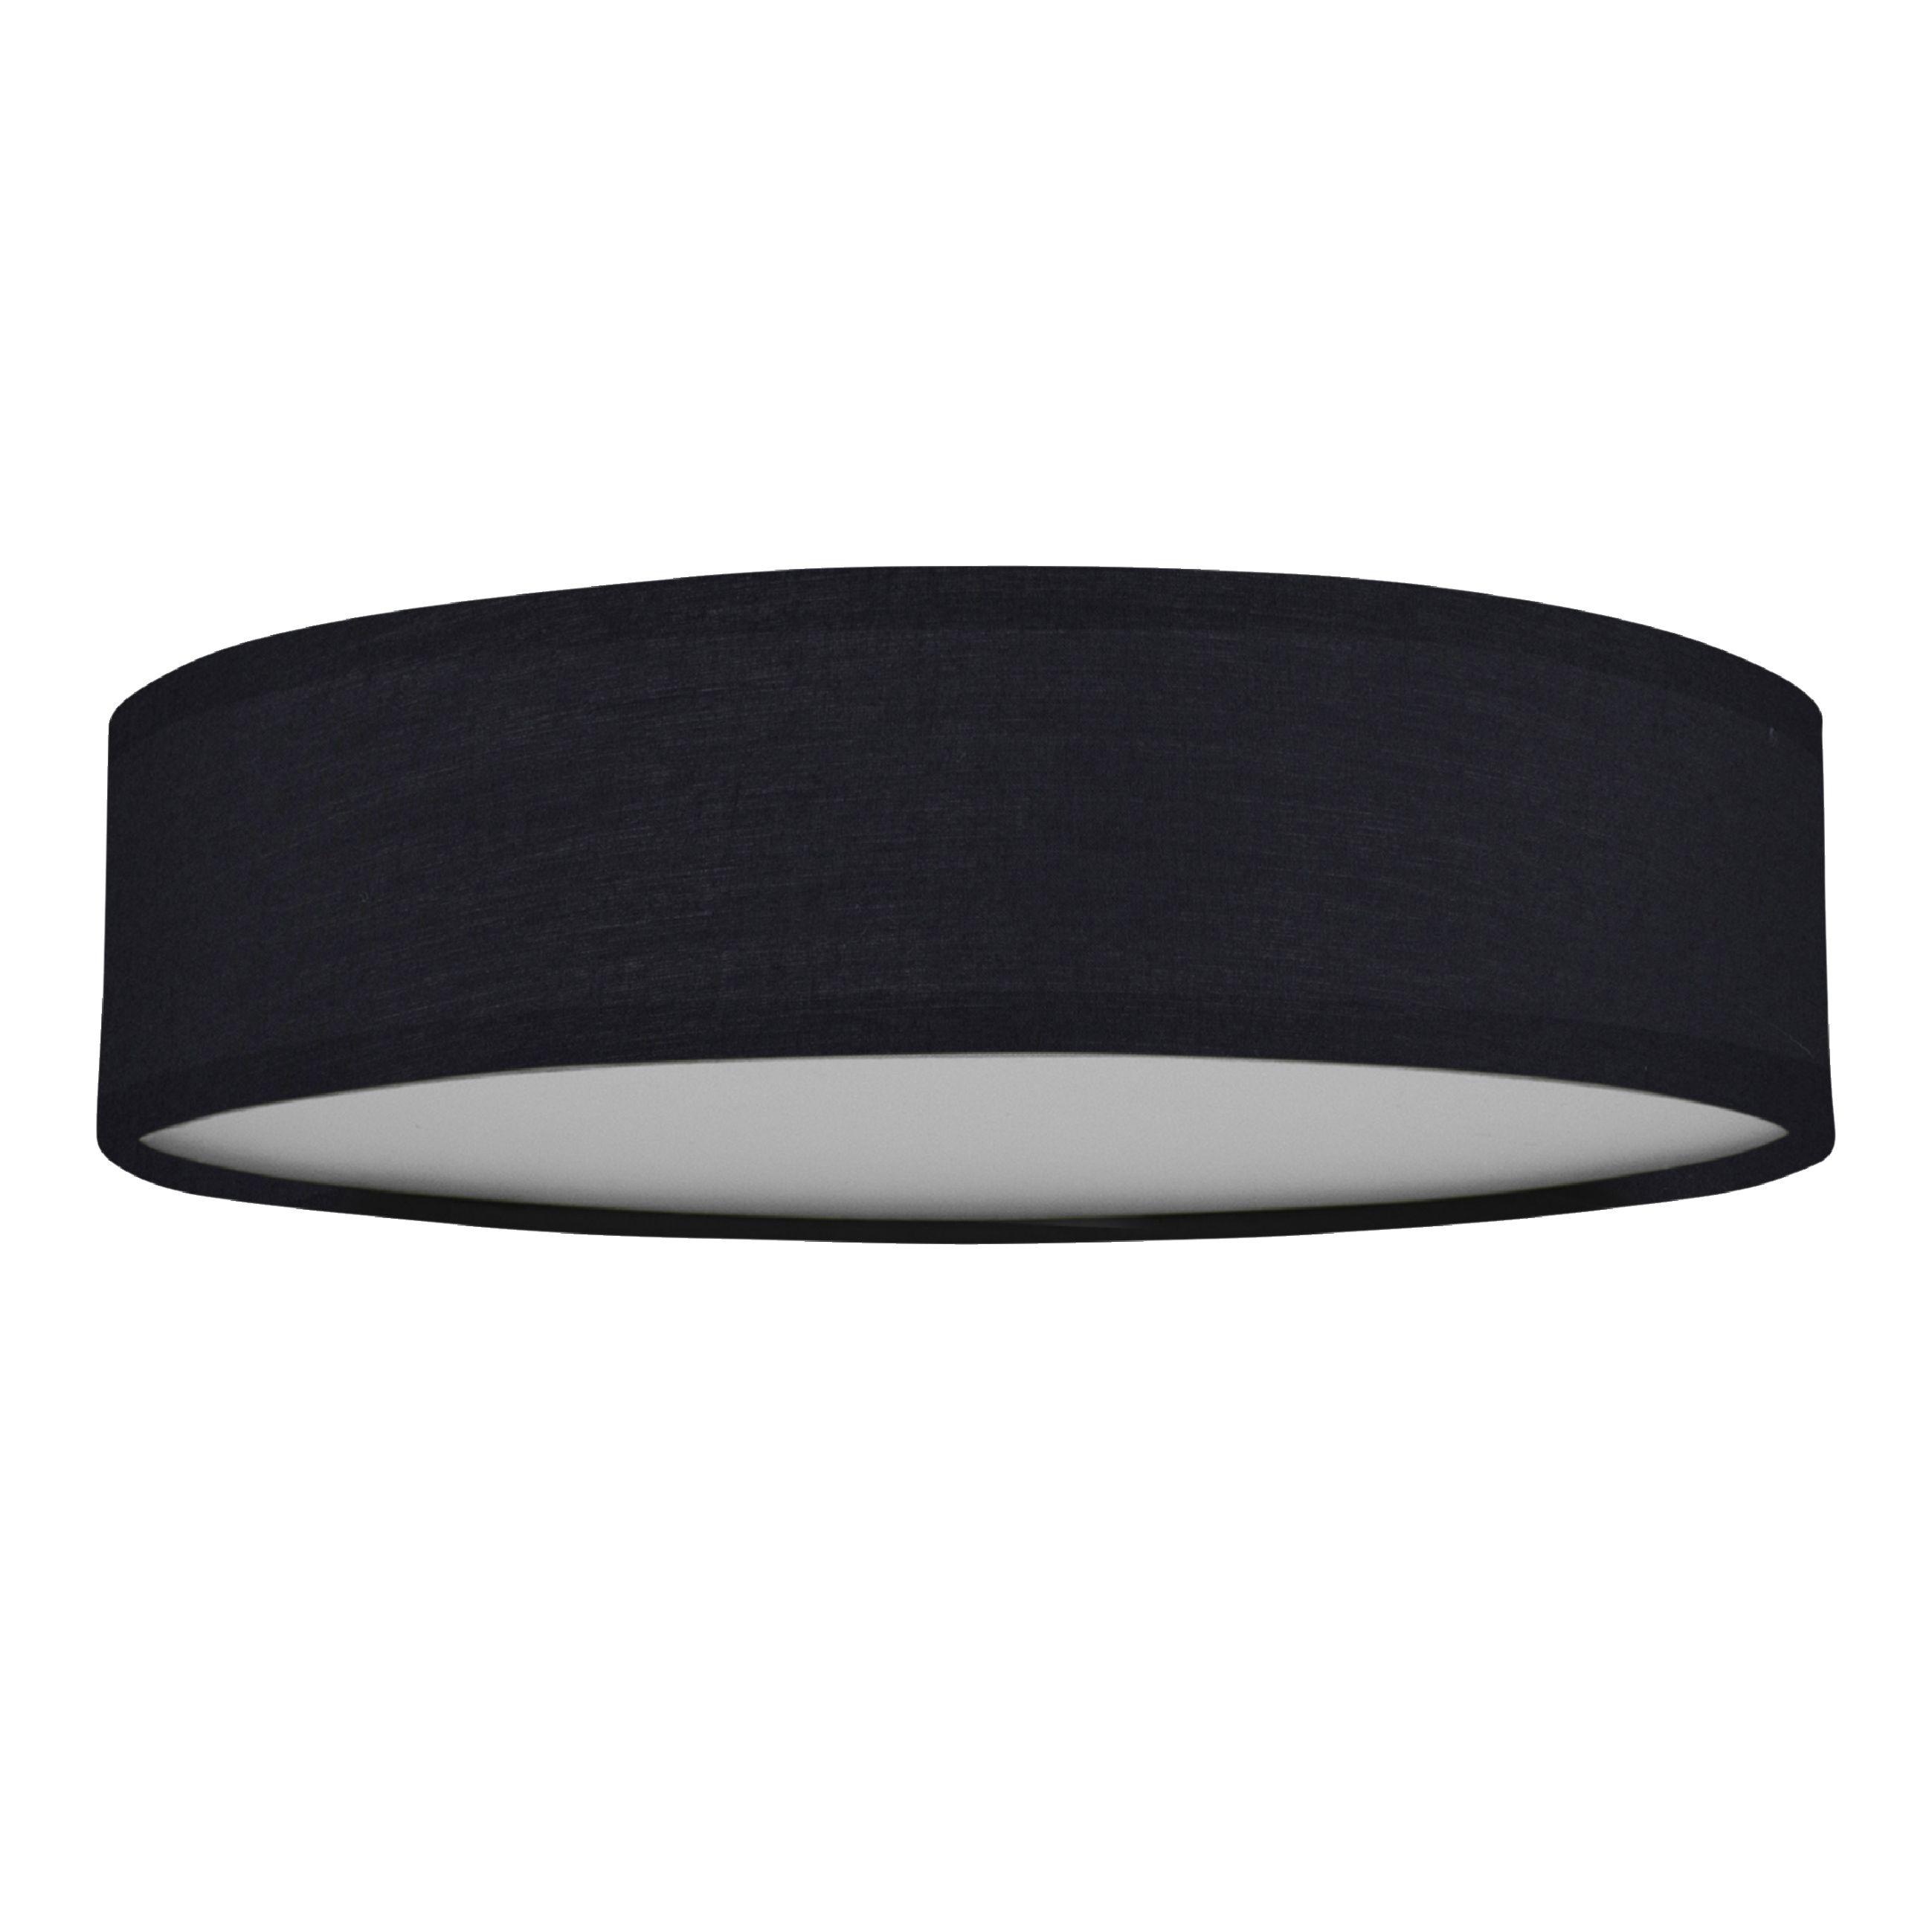 Stropní LED svítidlo 40 cm Ranex Mia RA-1000469, černé